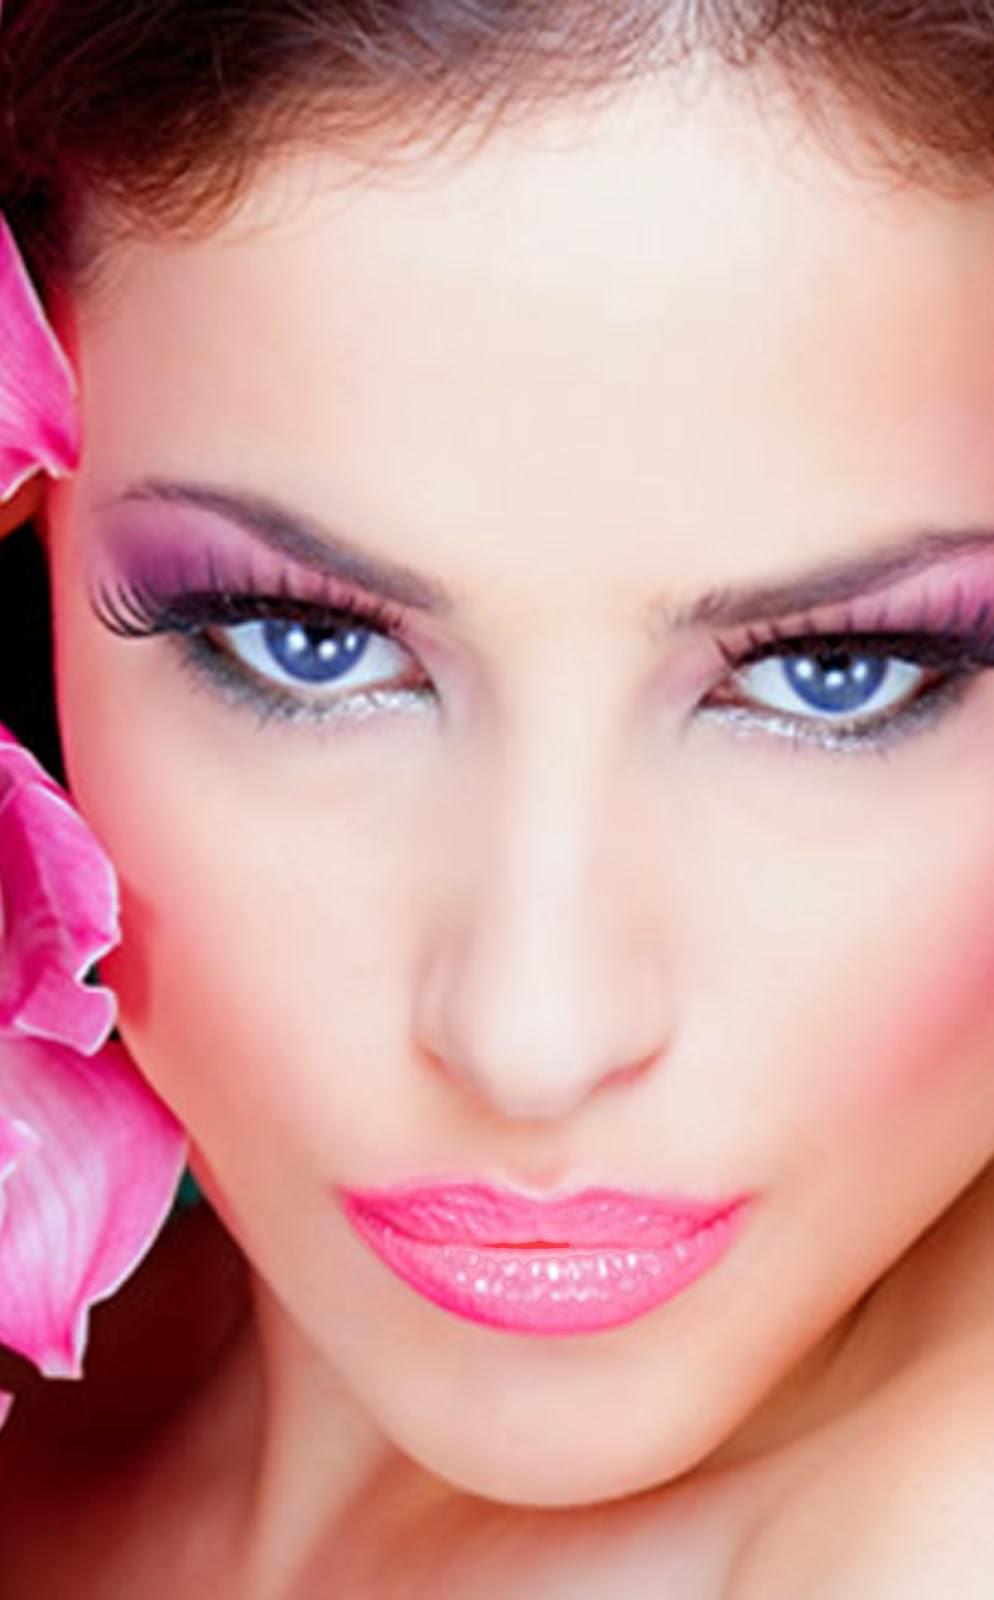 Hollywood News: MAKEUP CLOSE UP - Applying Pink Bridal Makeup